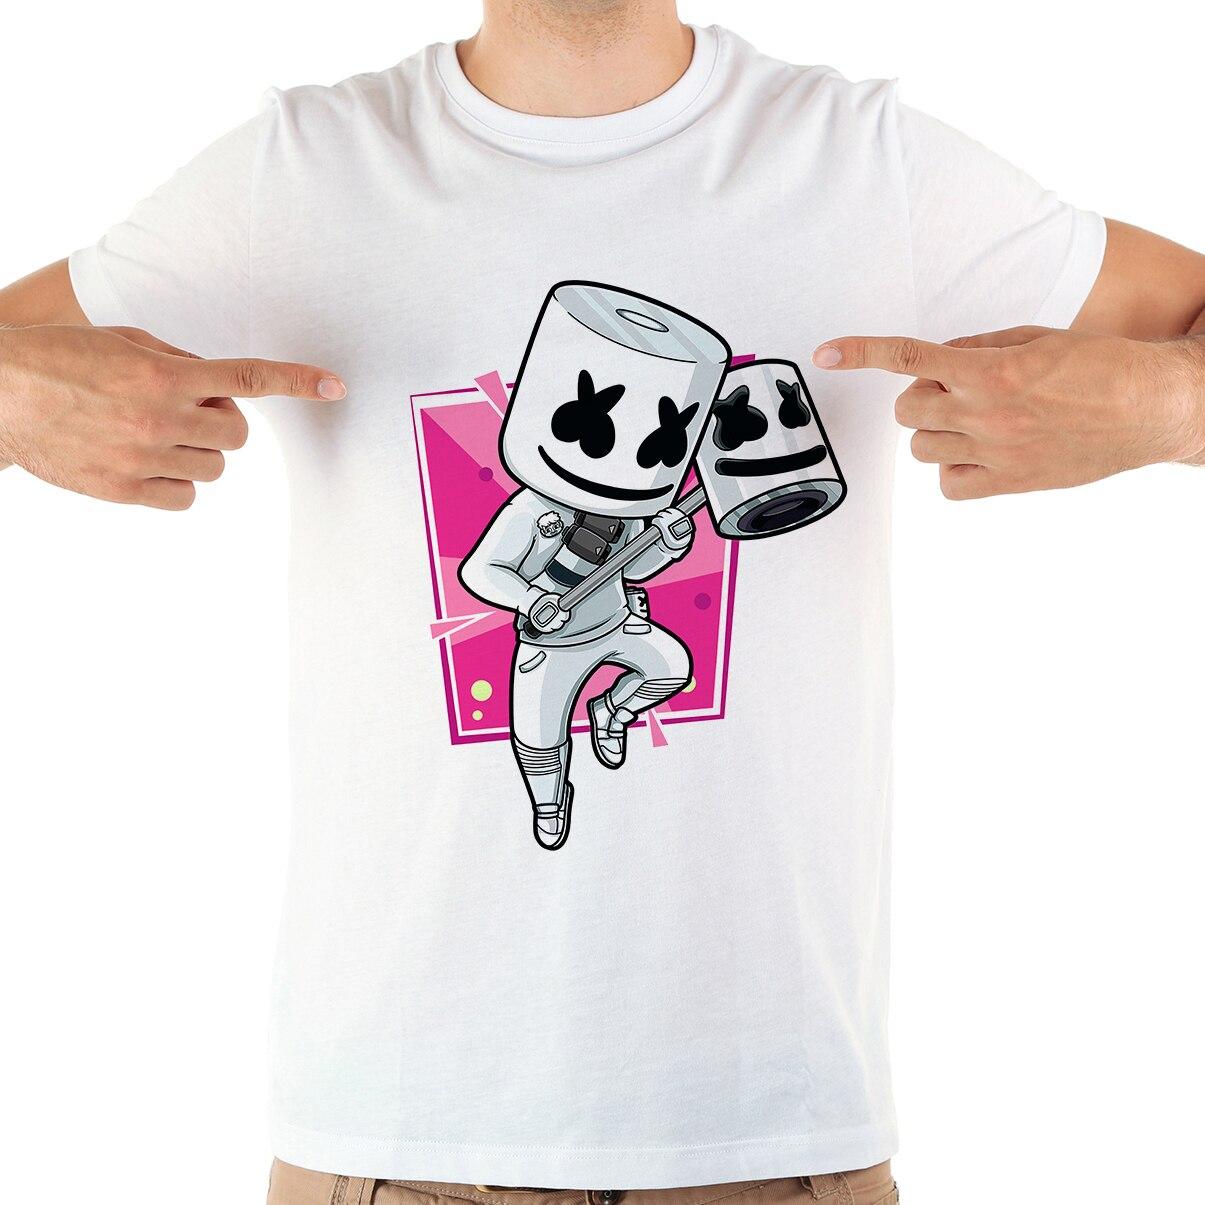 T-shirts Film Avengers 4 Endgame Quantum Reich Battle Suit Cosplay Kostüm T-shirt T-shirt Kurzarm O-ansatz T-shirt Sommer Casual Top Herrenbekleidung & Zubehör